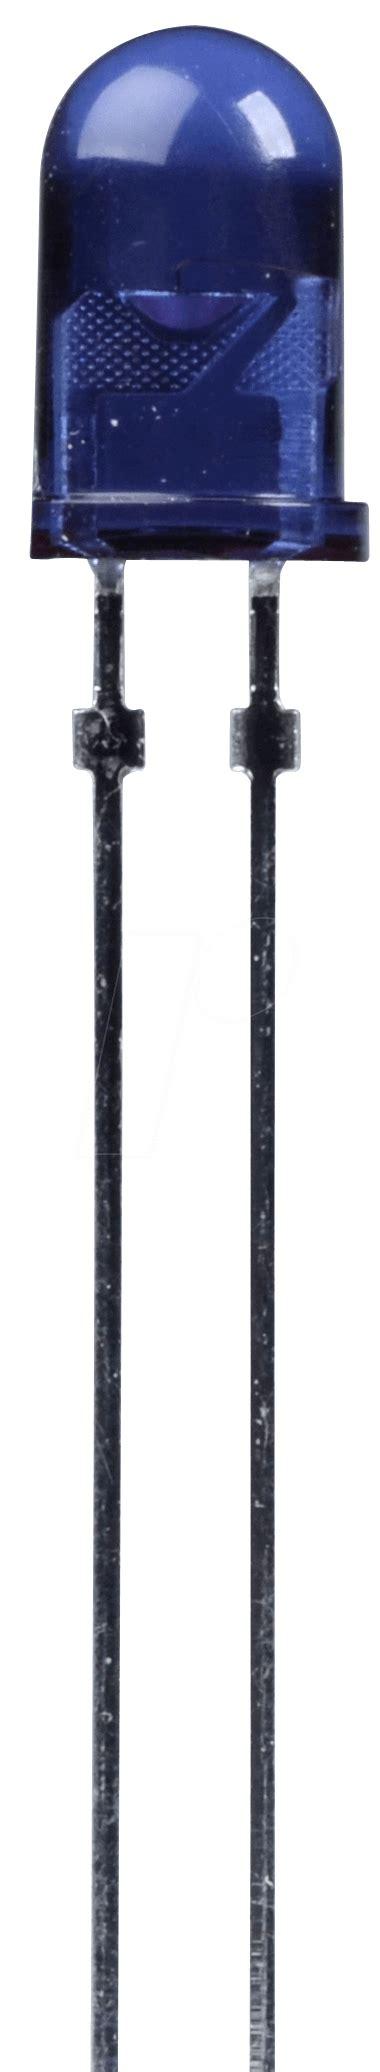 laser diode reichelt cqy 99 dioda podczerwieni 950 nm 22 194 176 5 mm t1 3 4 at reichelt elektronik